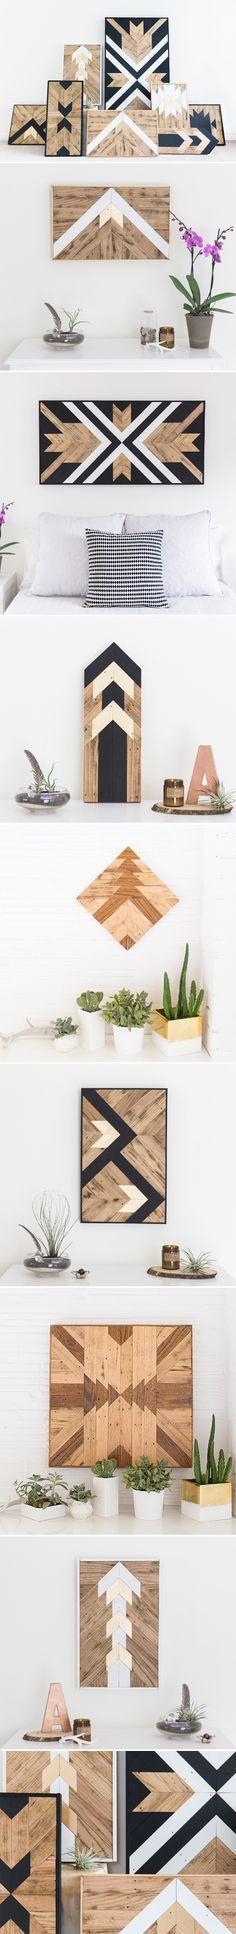 fixer des tag res caisses de vin au mur caisse vin pinterest caisses de vin tag res. Black Bedroom Furniture Sets. Home Design Ideas